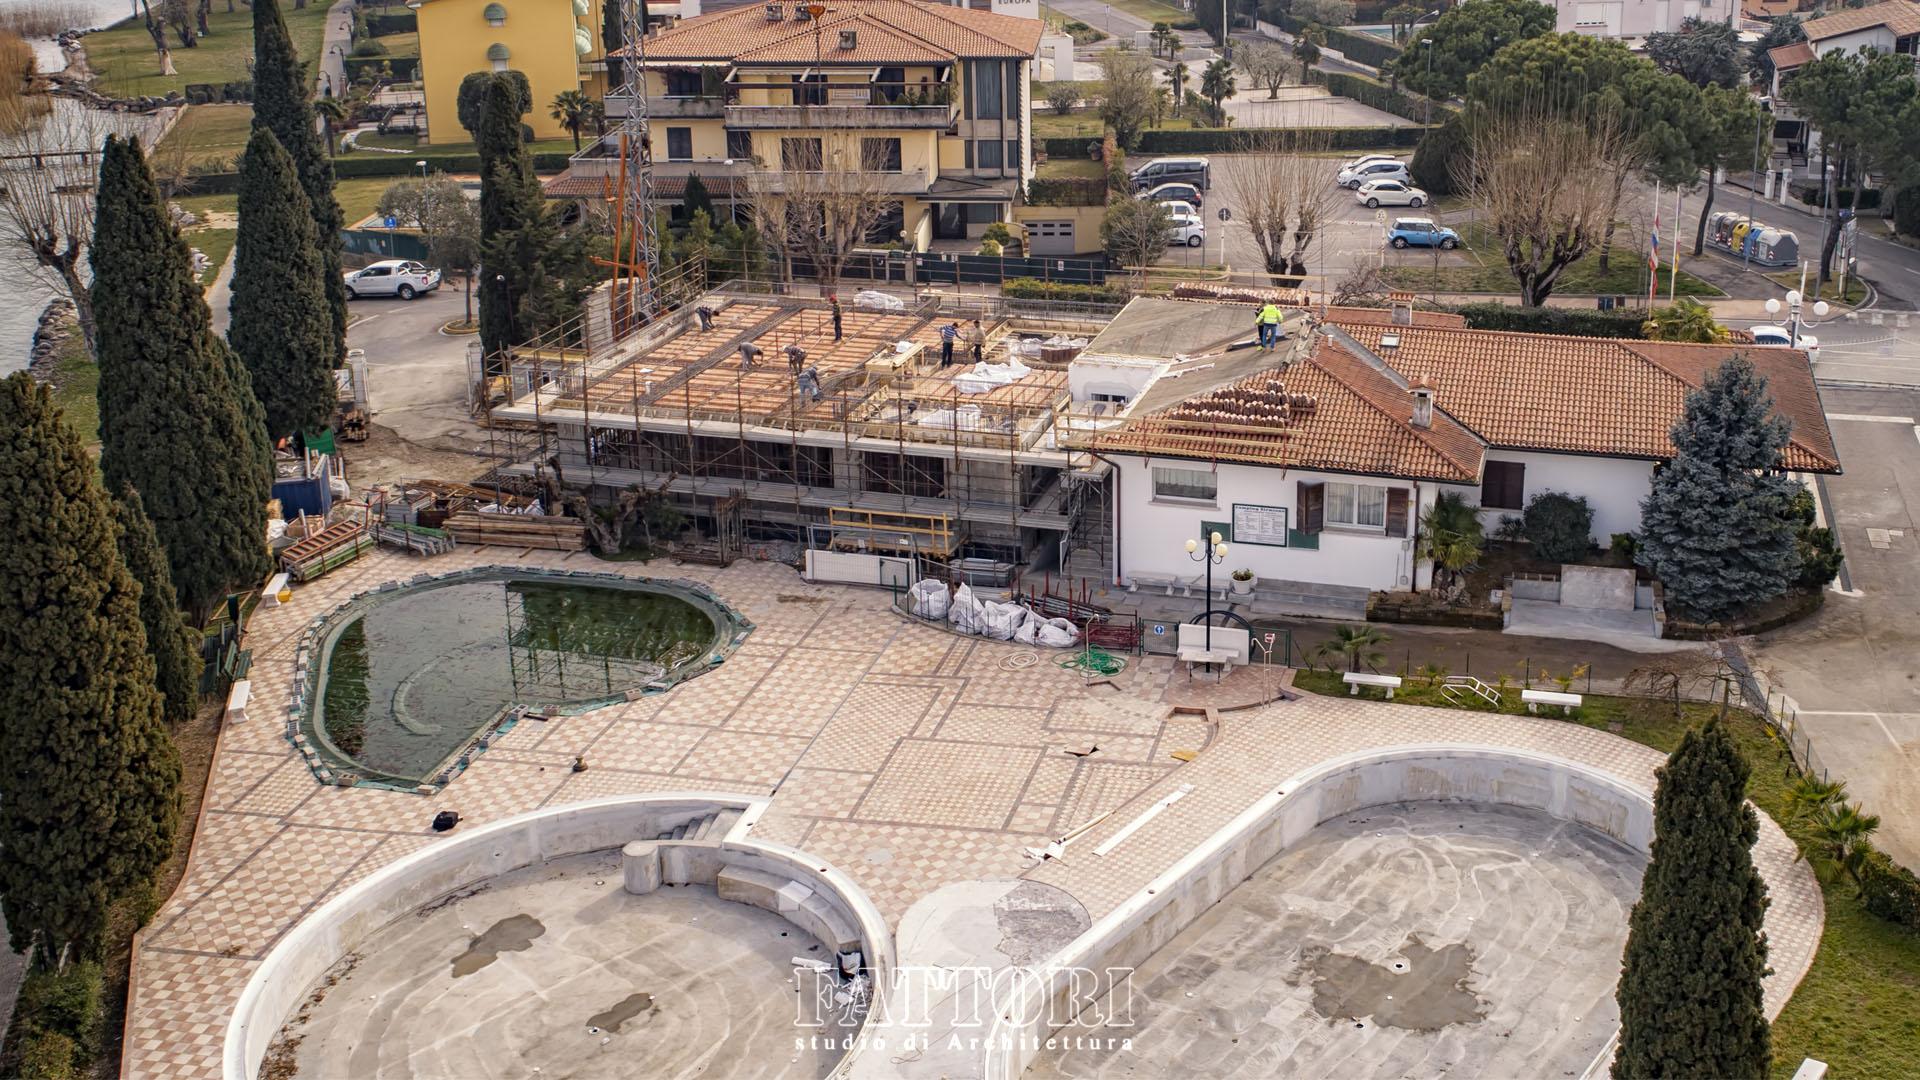 Studio di Architettura Fattori Fausto_progetto villa residenziale_camping sirmione_9